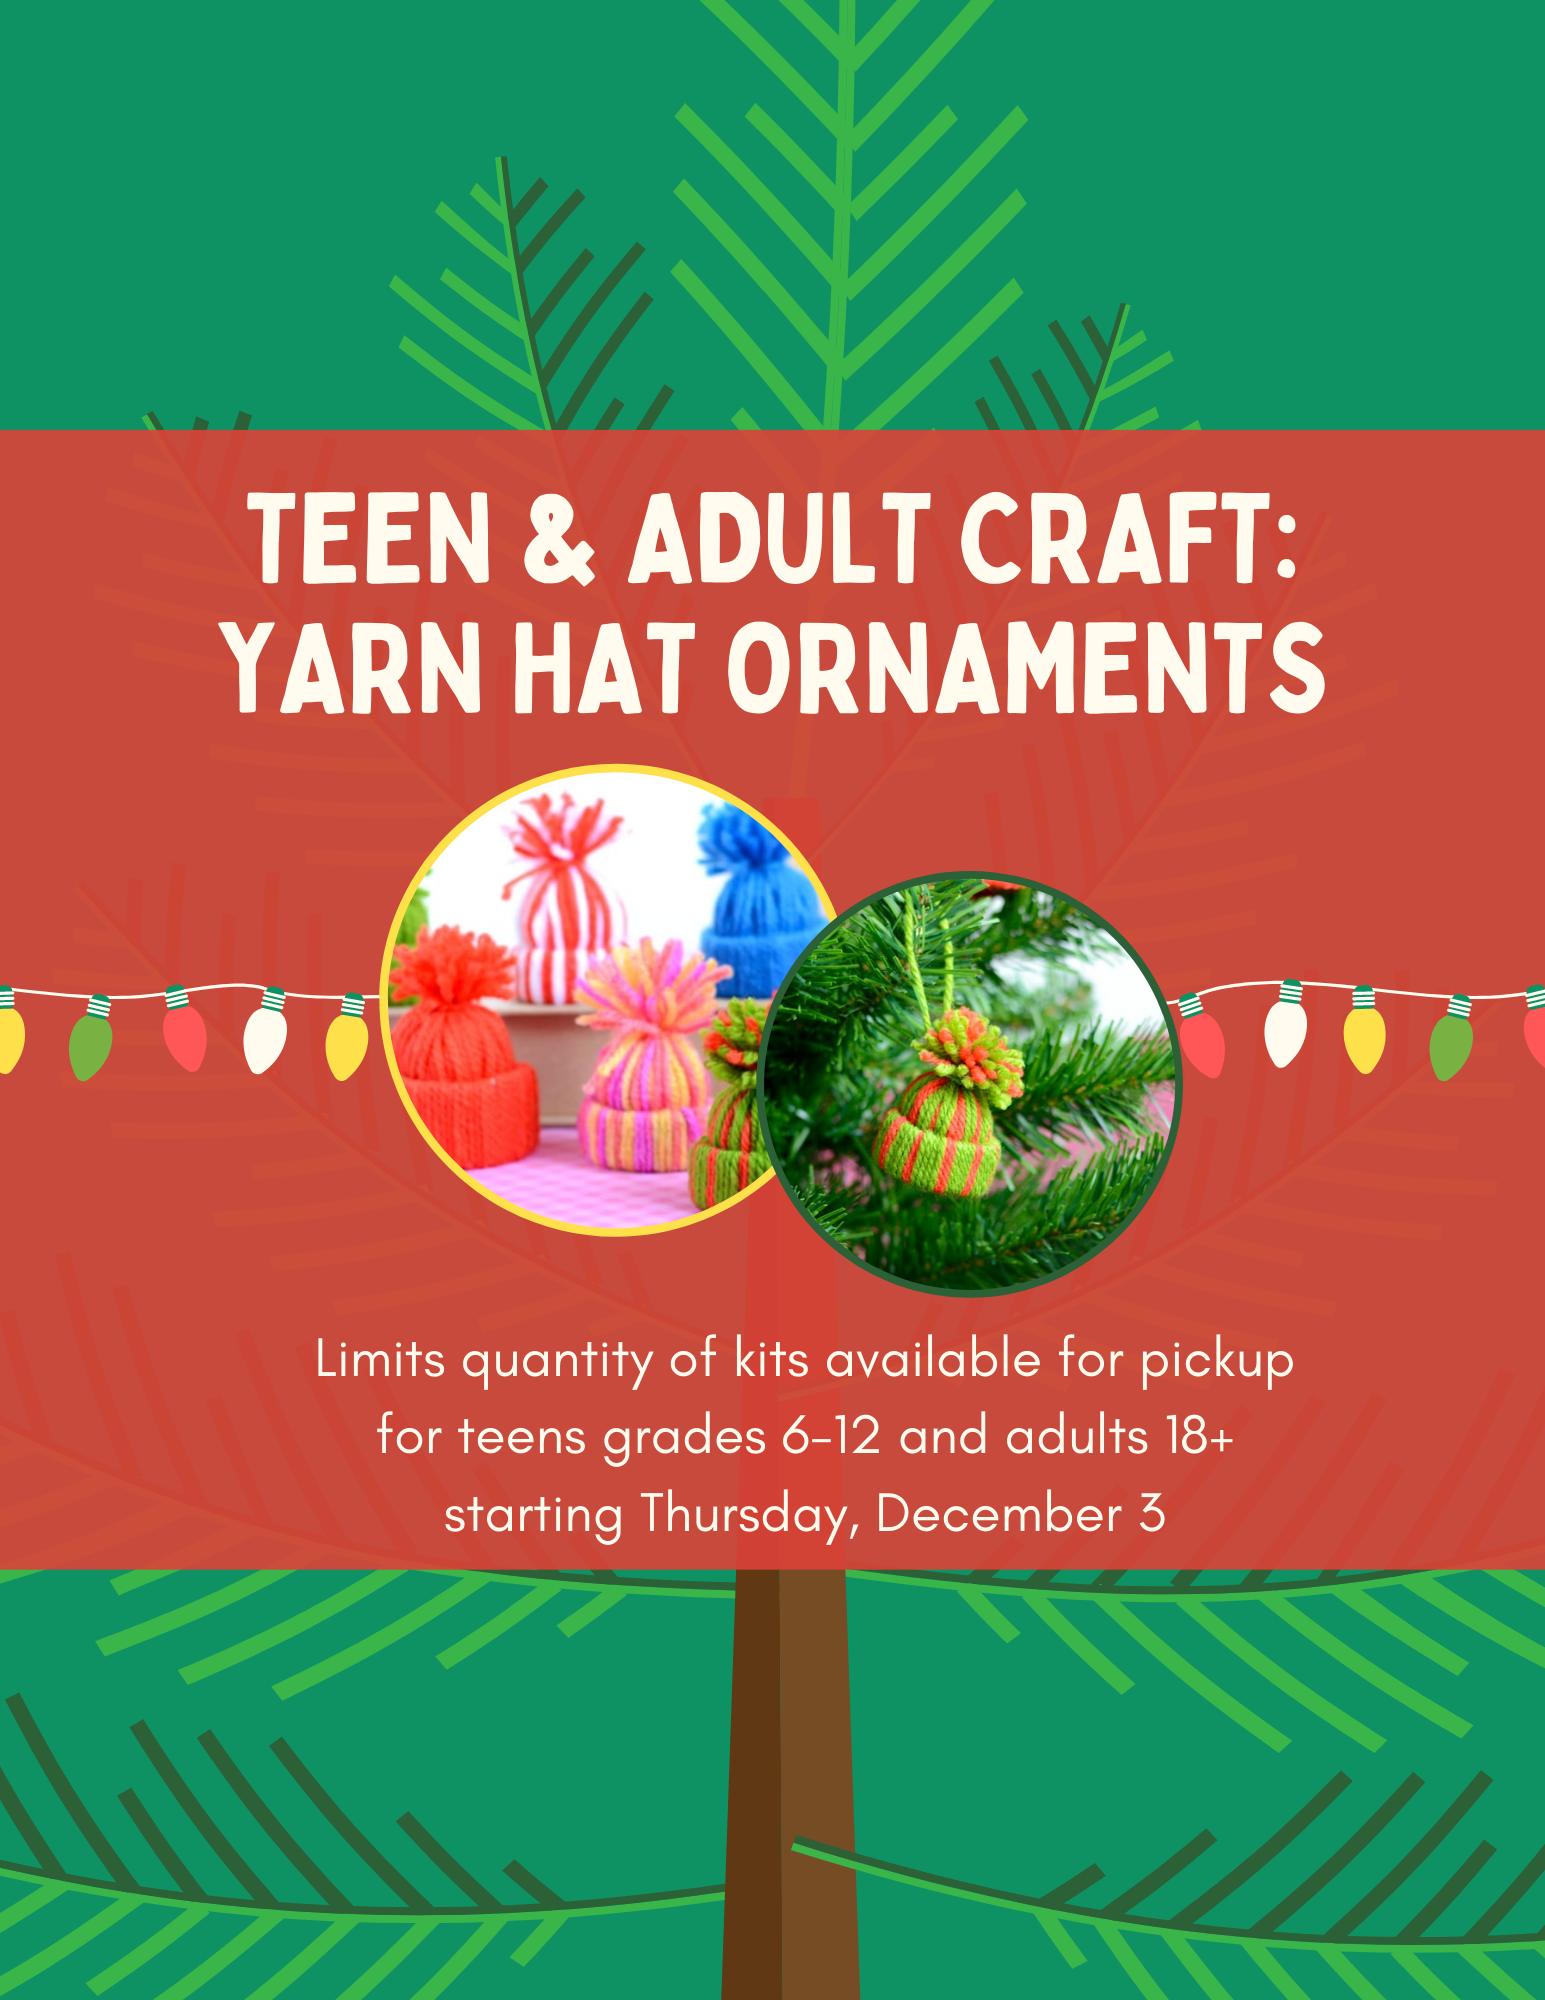 Teen & Adult Craft: Take & Make